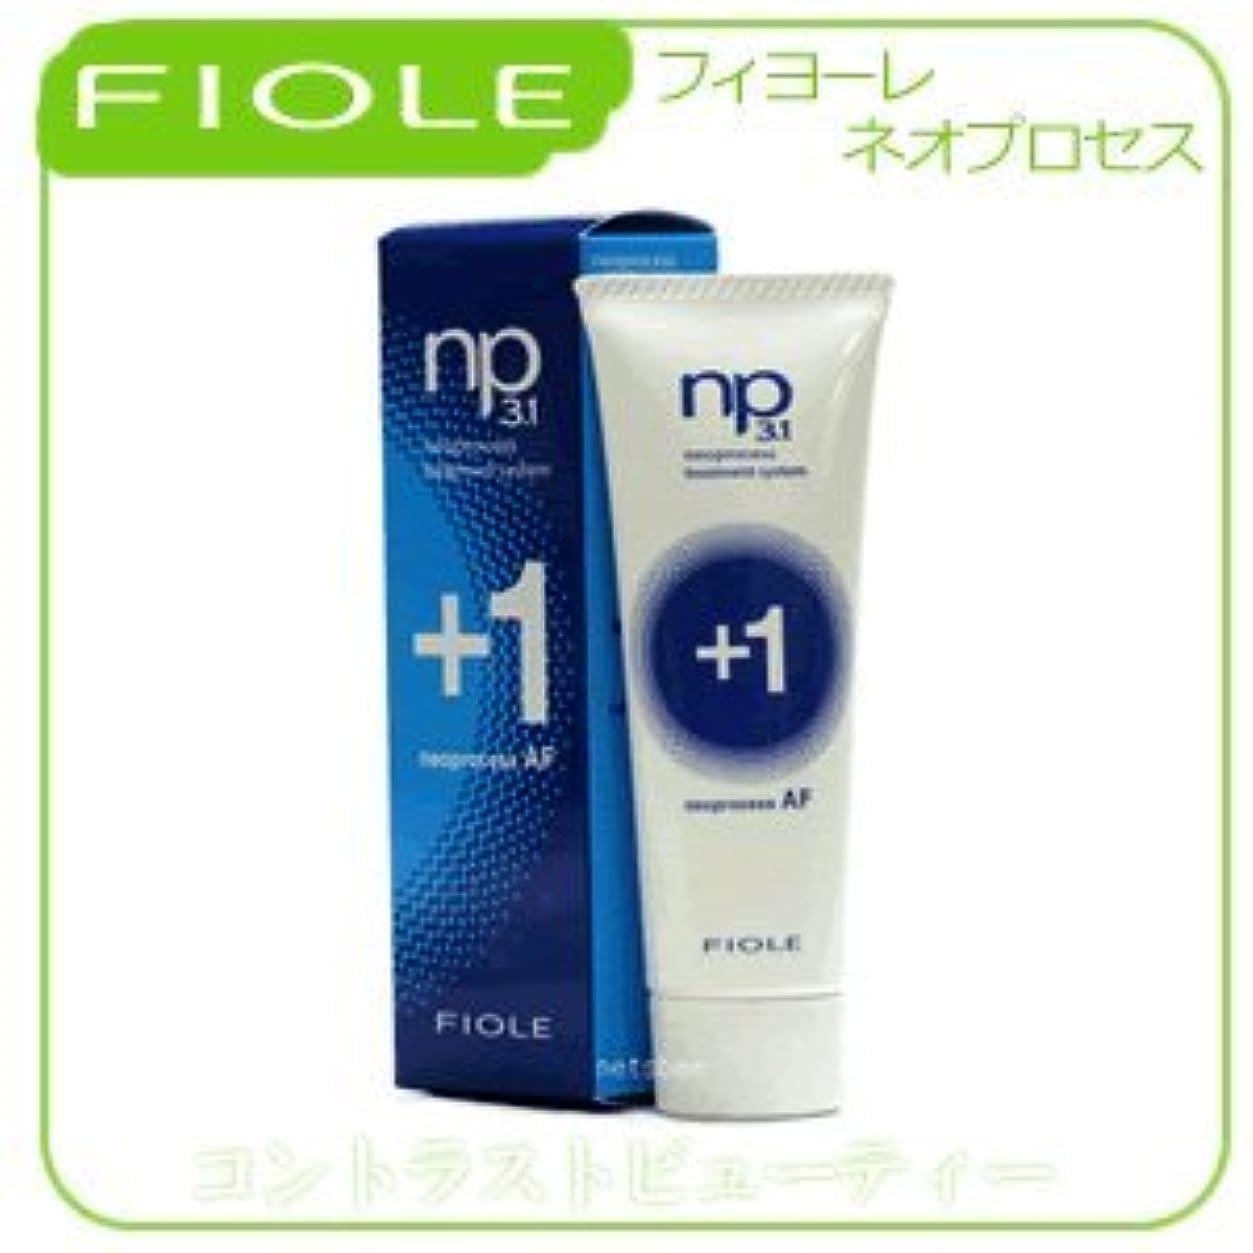 コメンテーター広告主ファッション【X4個セット】 フィヨーレ NP3.1 ネオプロセス AFプラス1 240g FIOLE ネオプロセス